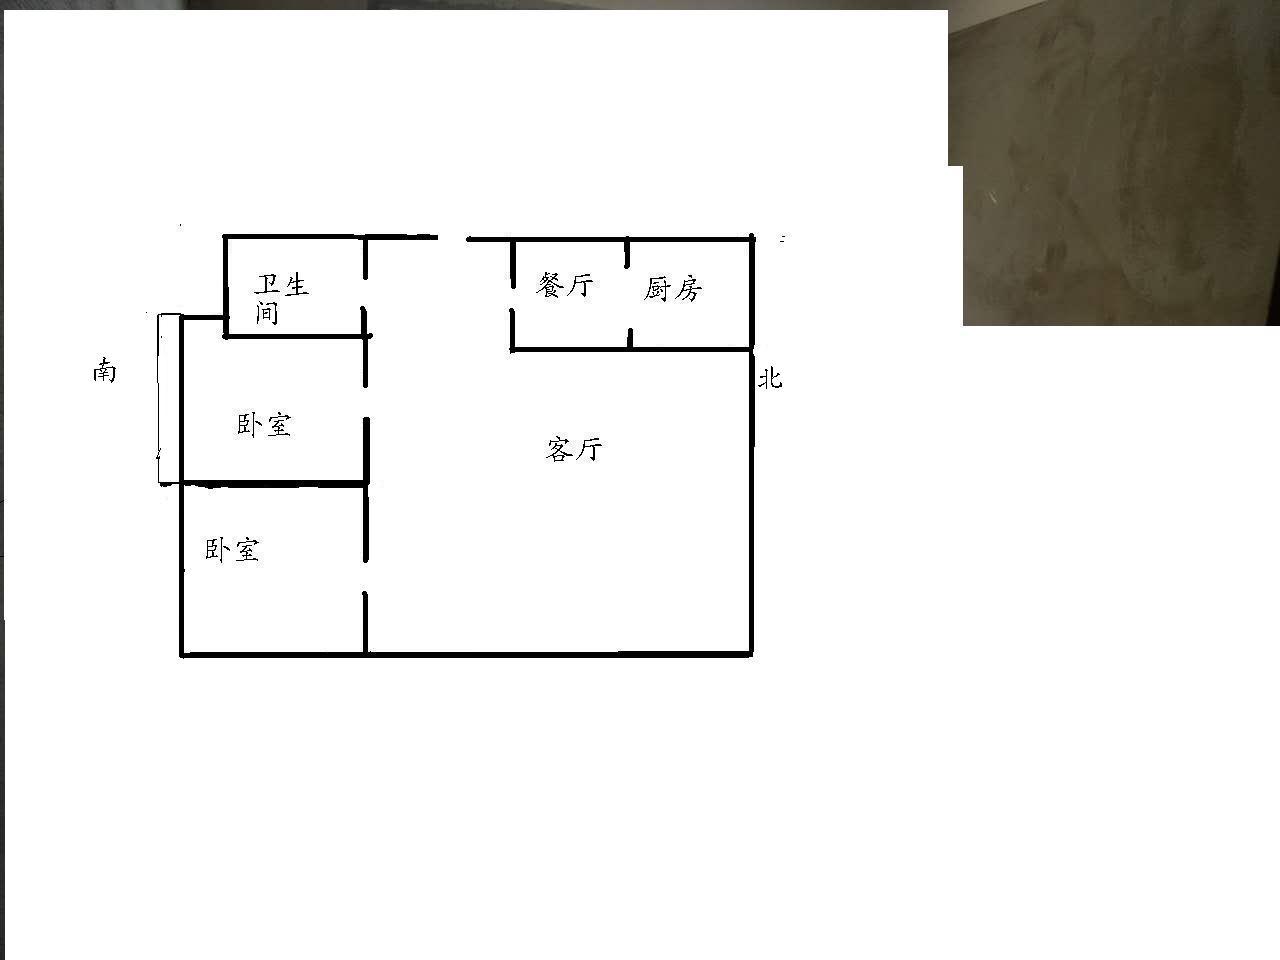 湘江小区西区 2室2厅 2楼